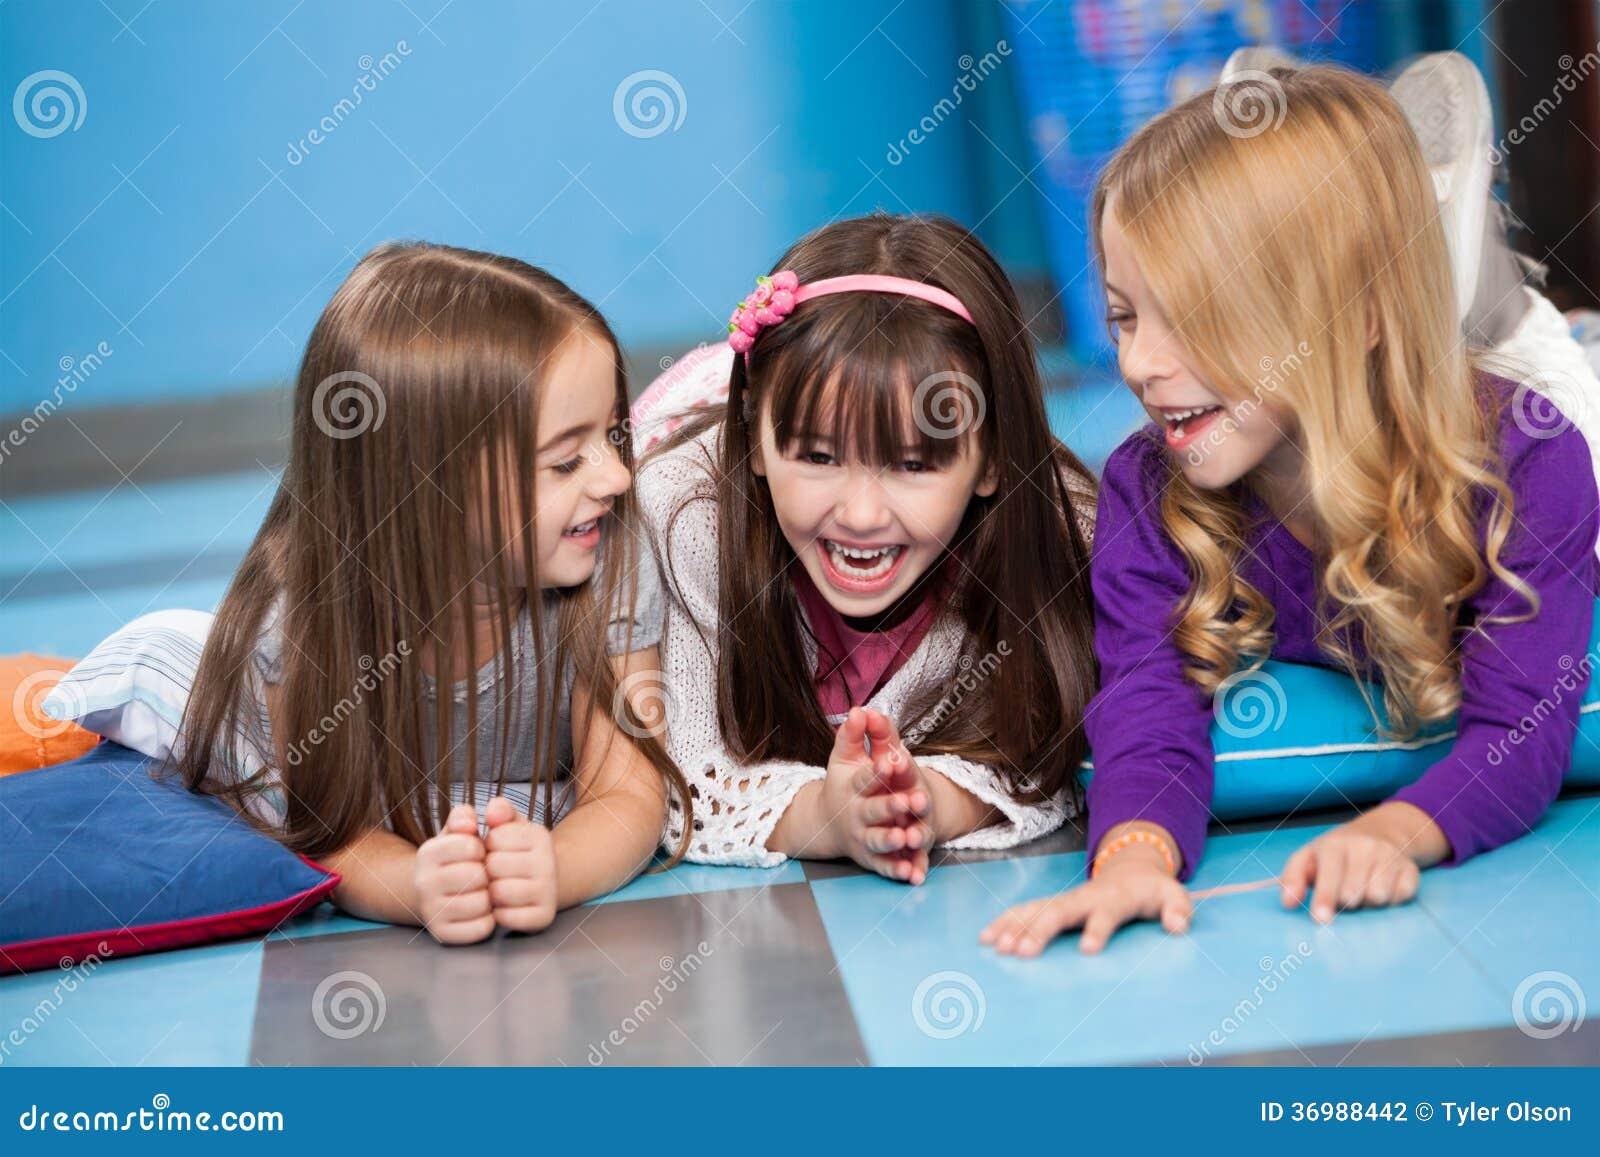 Kleine lachende Mädchen beim Lügen auf Boden